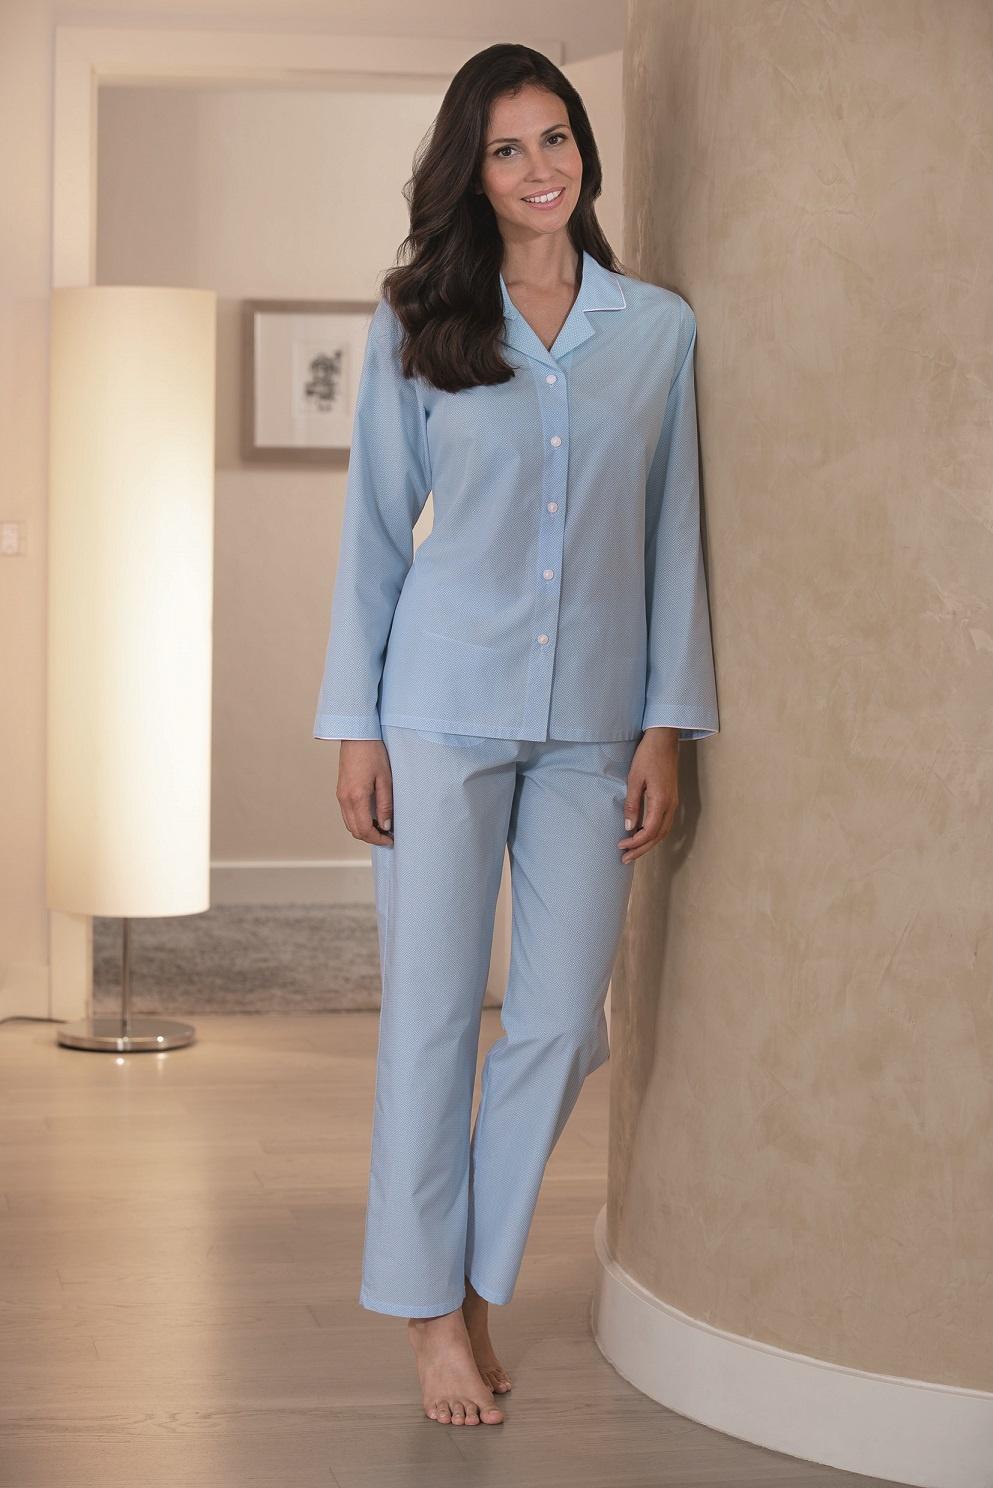 d1fe905955 Novila|Damen Pyjama|Paula 8673|Novila aktuelle Kollektion ...